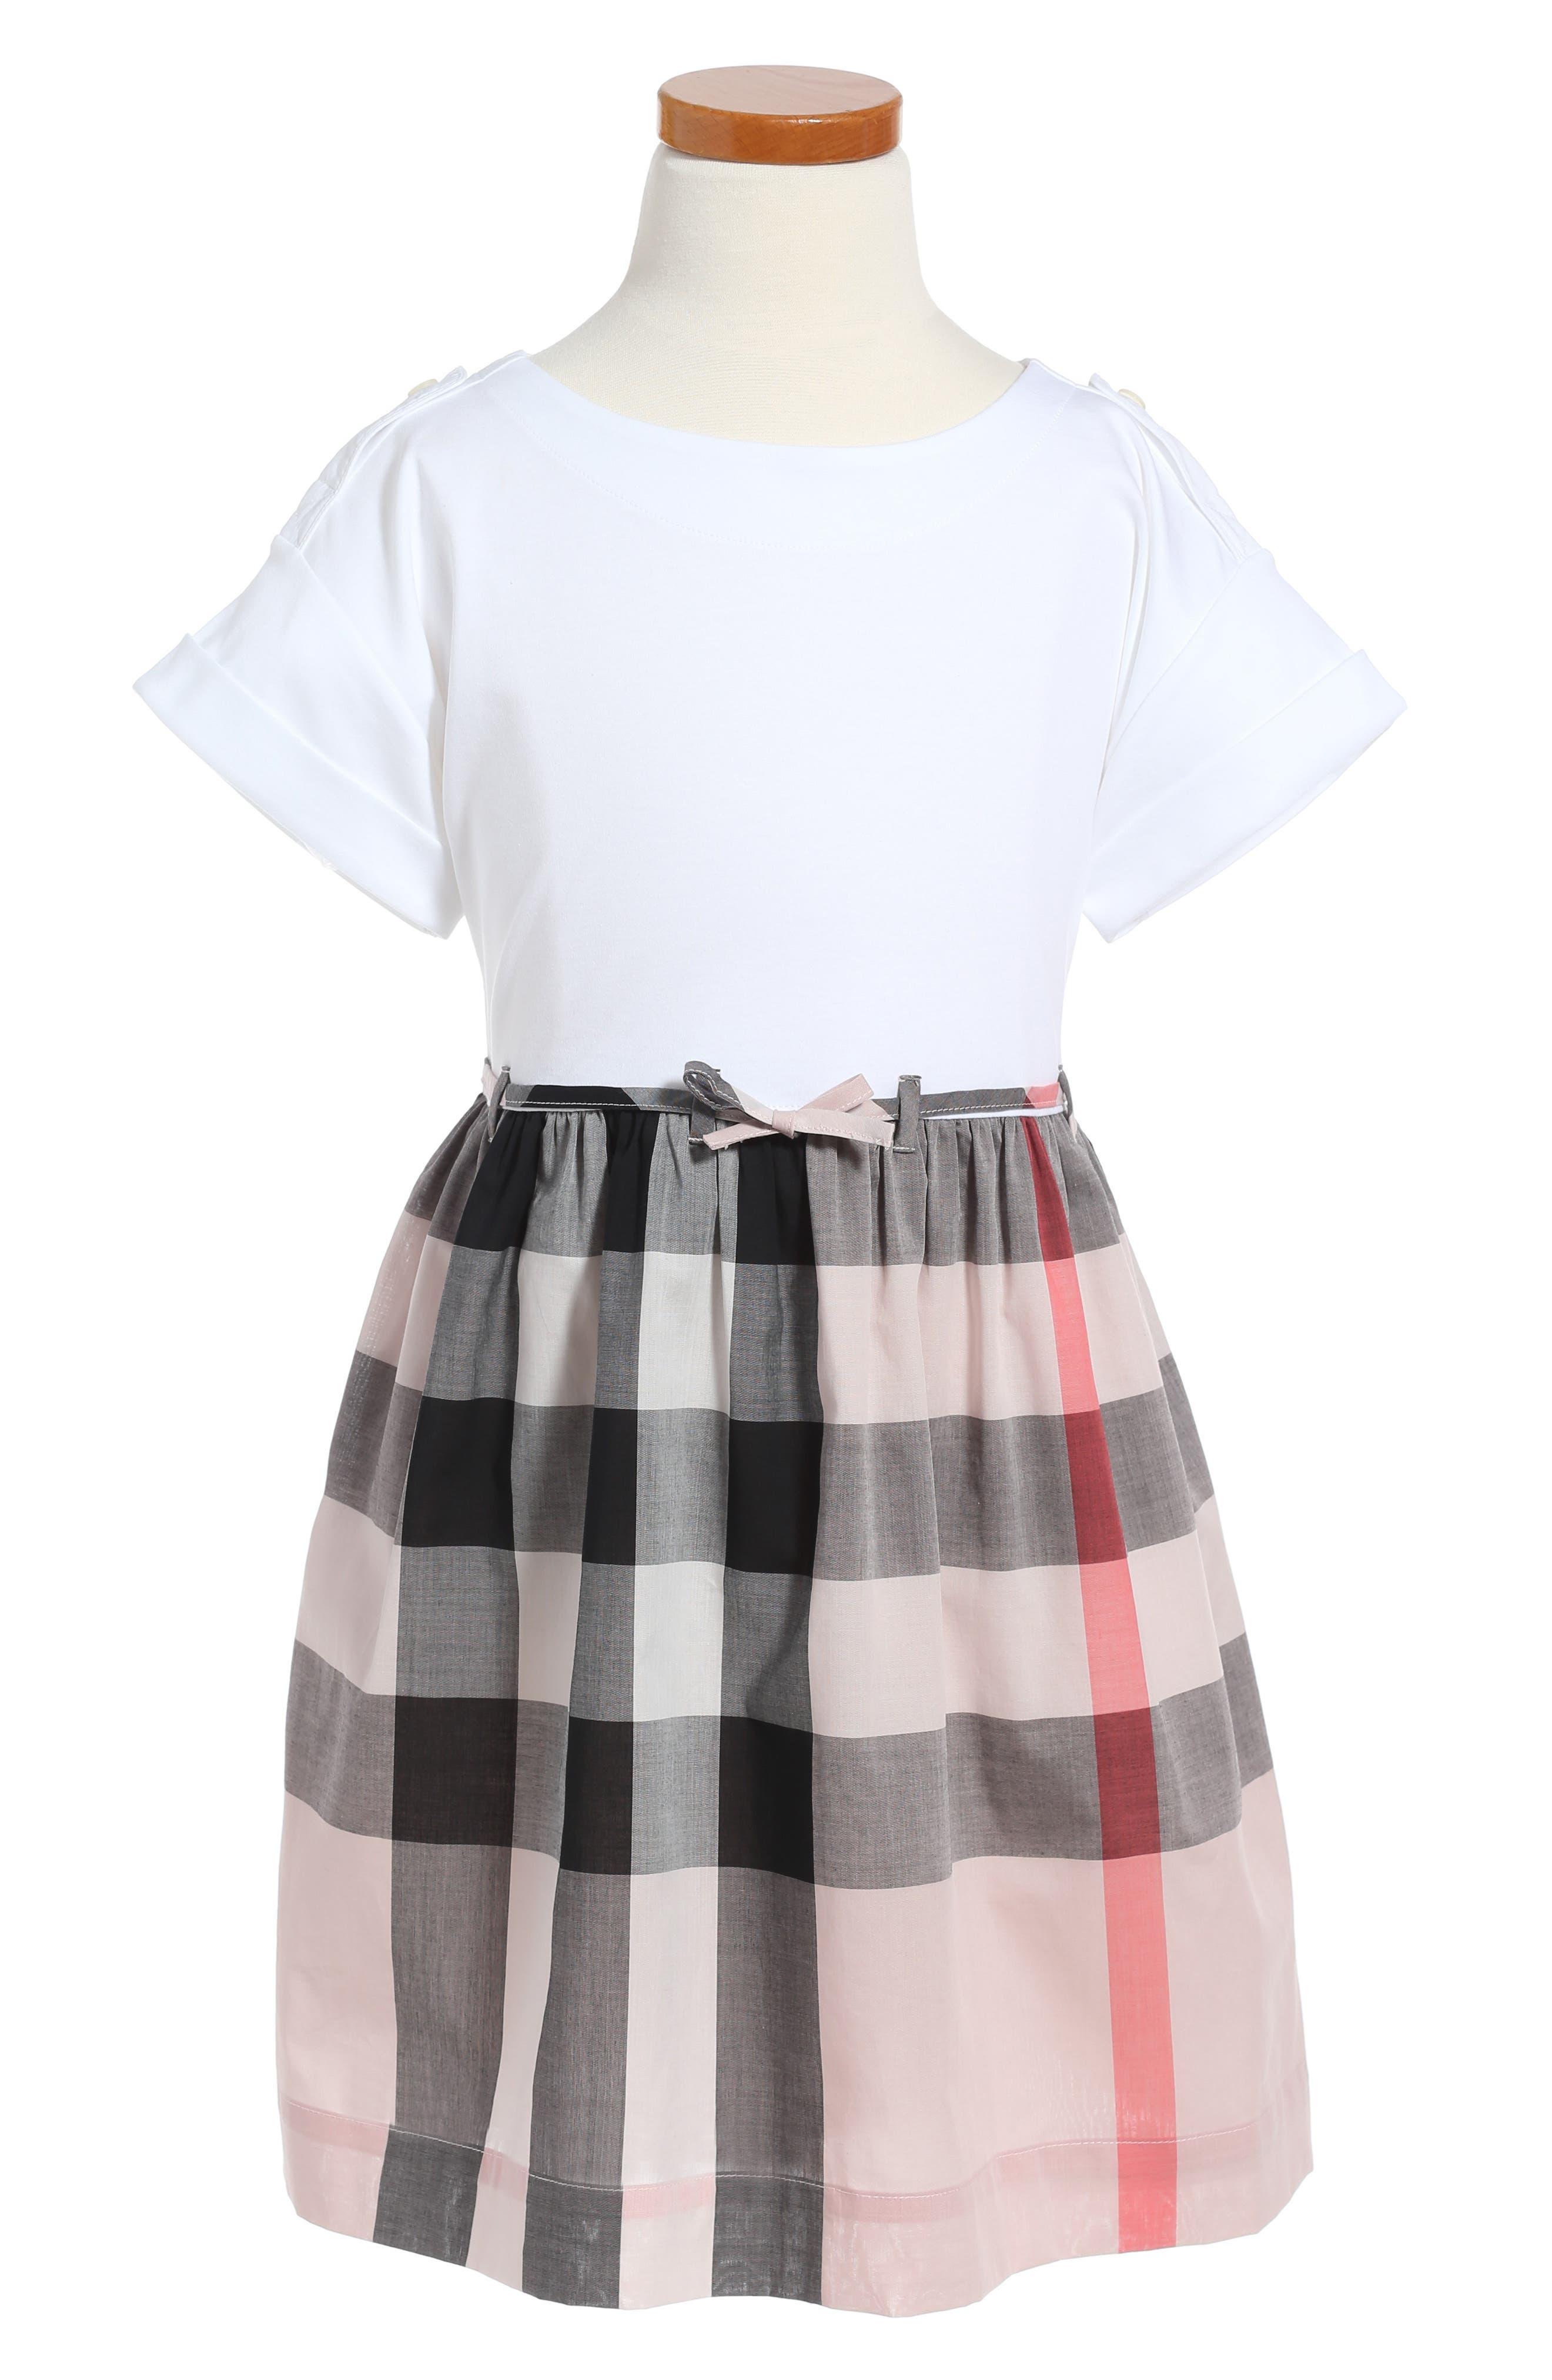 Burberry Rhonda Dress (Little Girls & Big Girls)